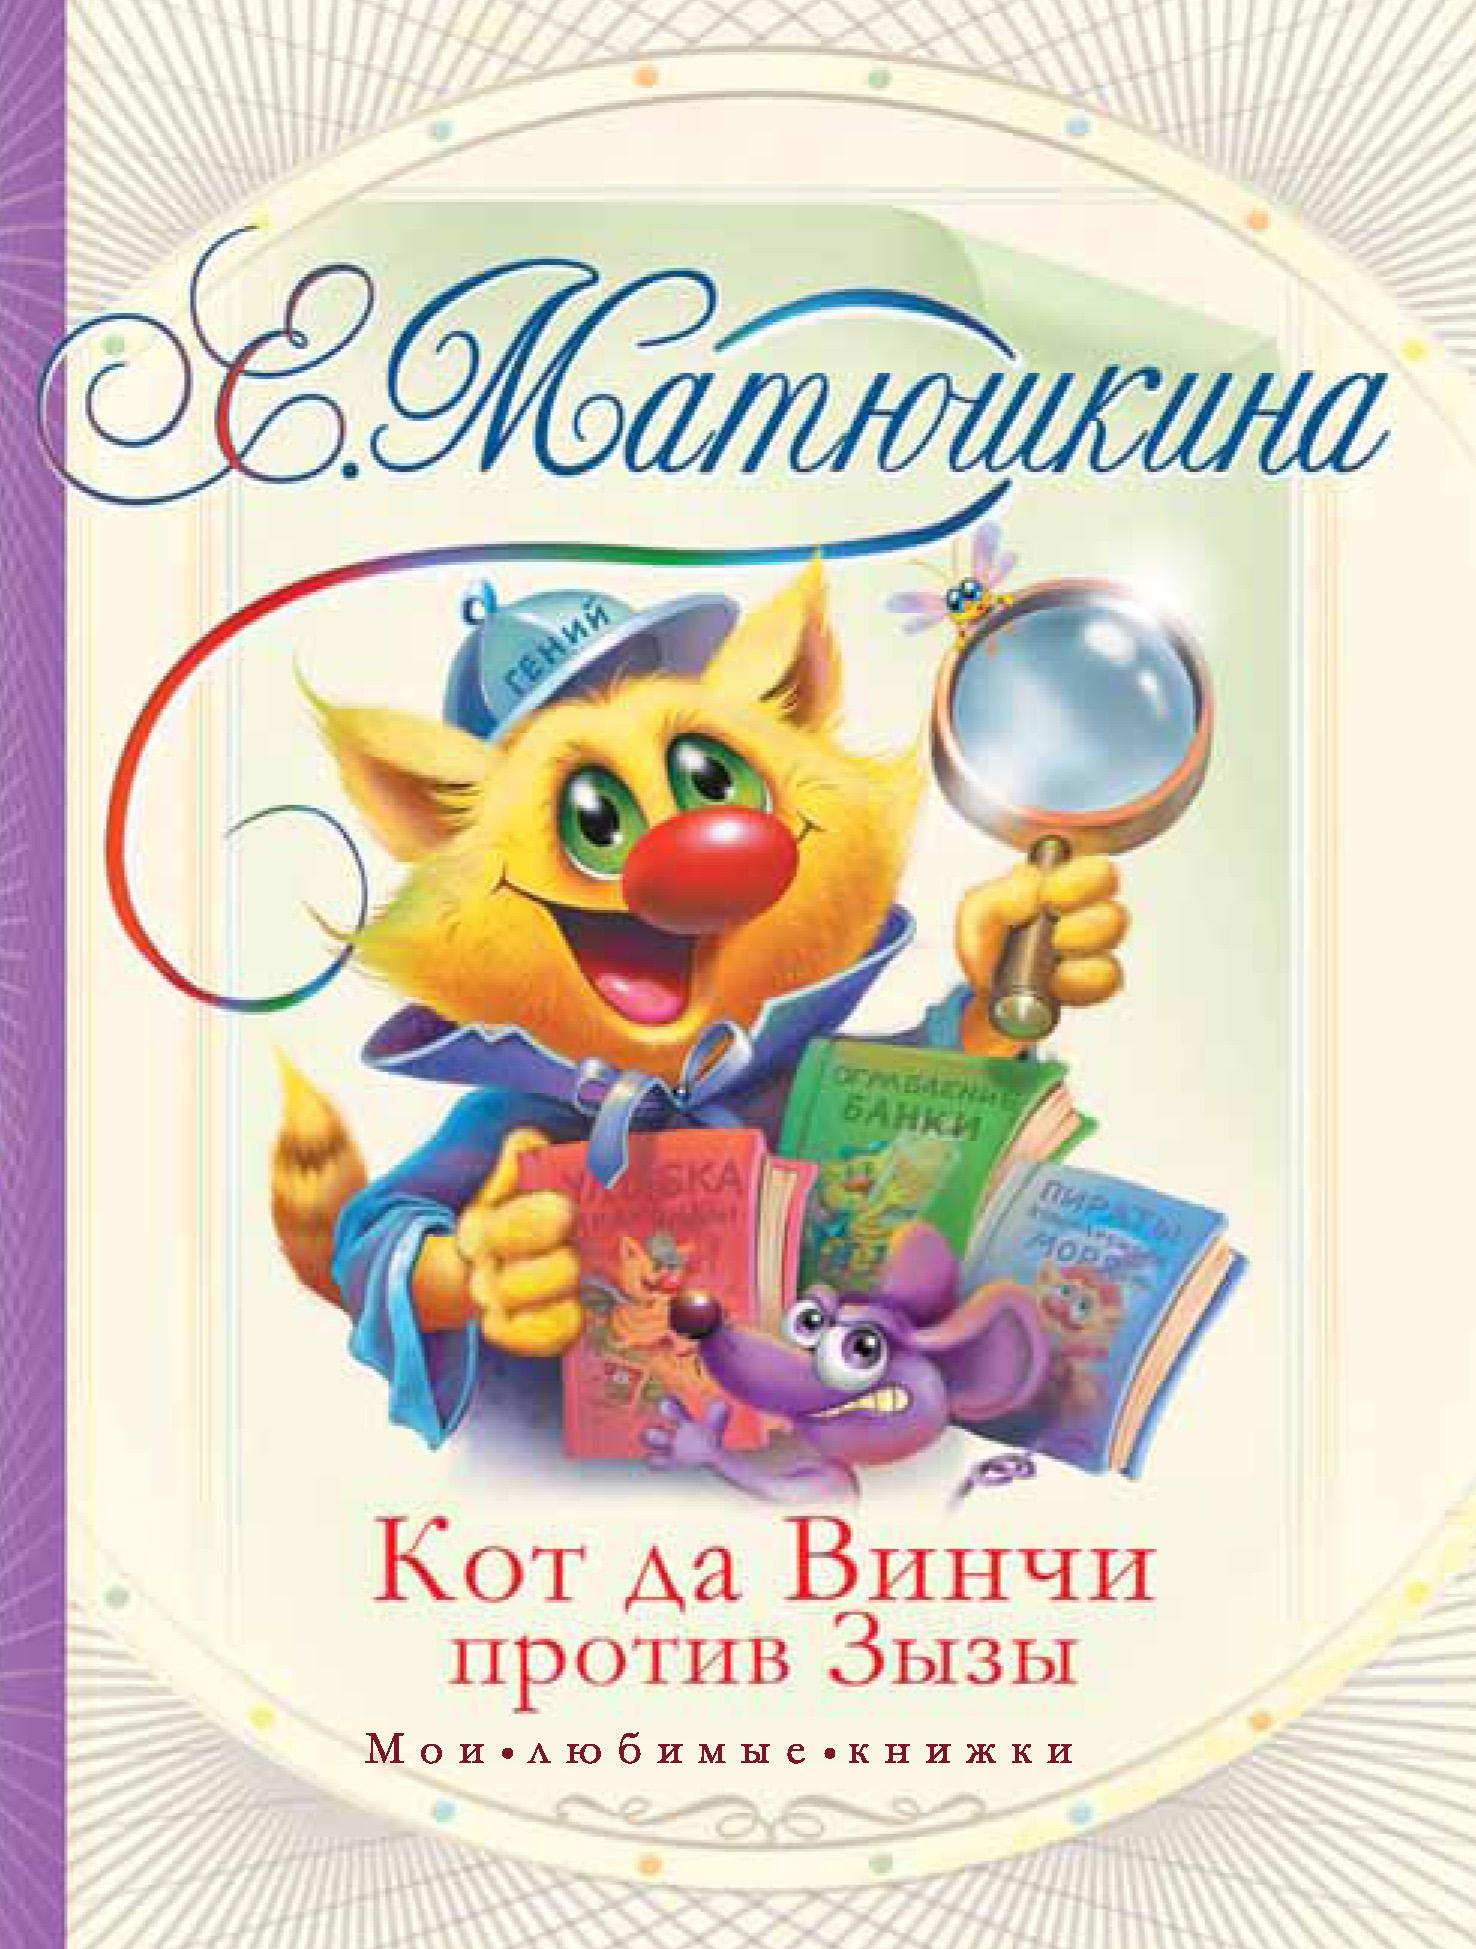 купить Катя Матюшкина Кот да Винчи против Зызы по цене 99.9 рублей